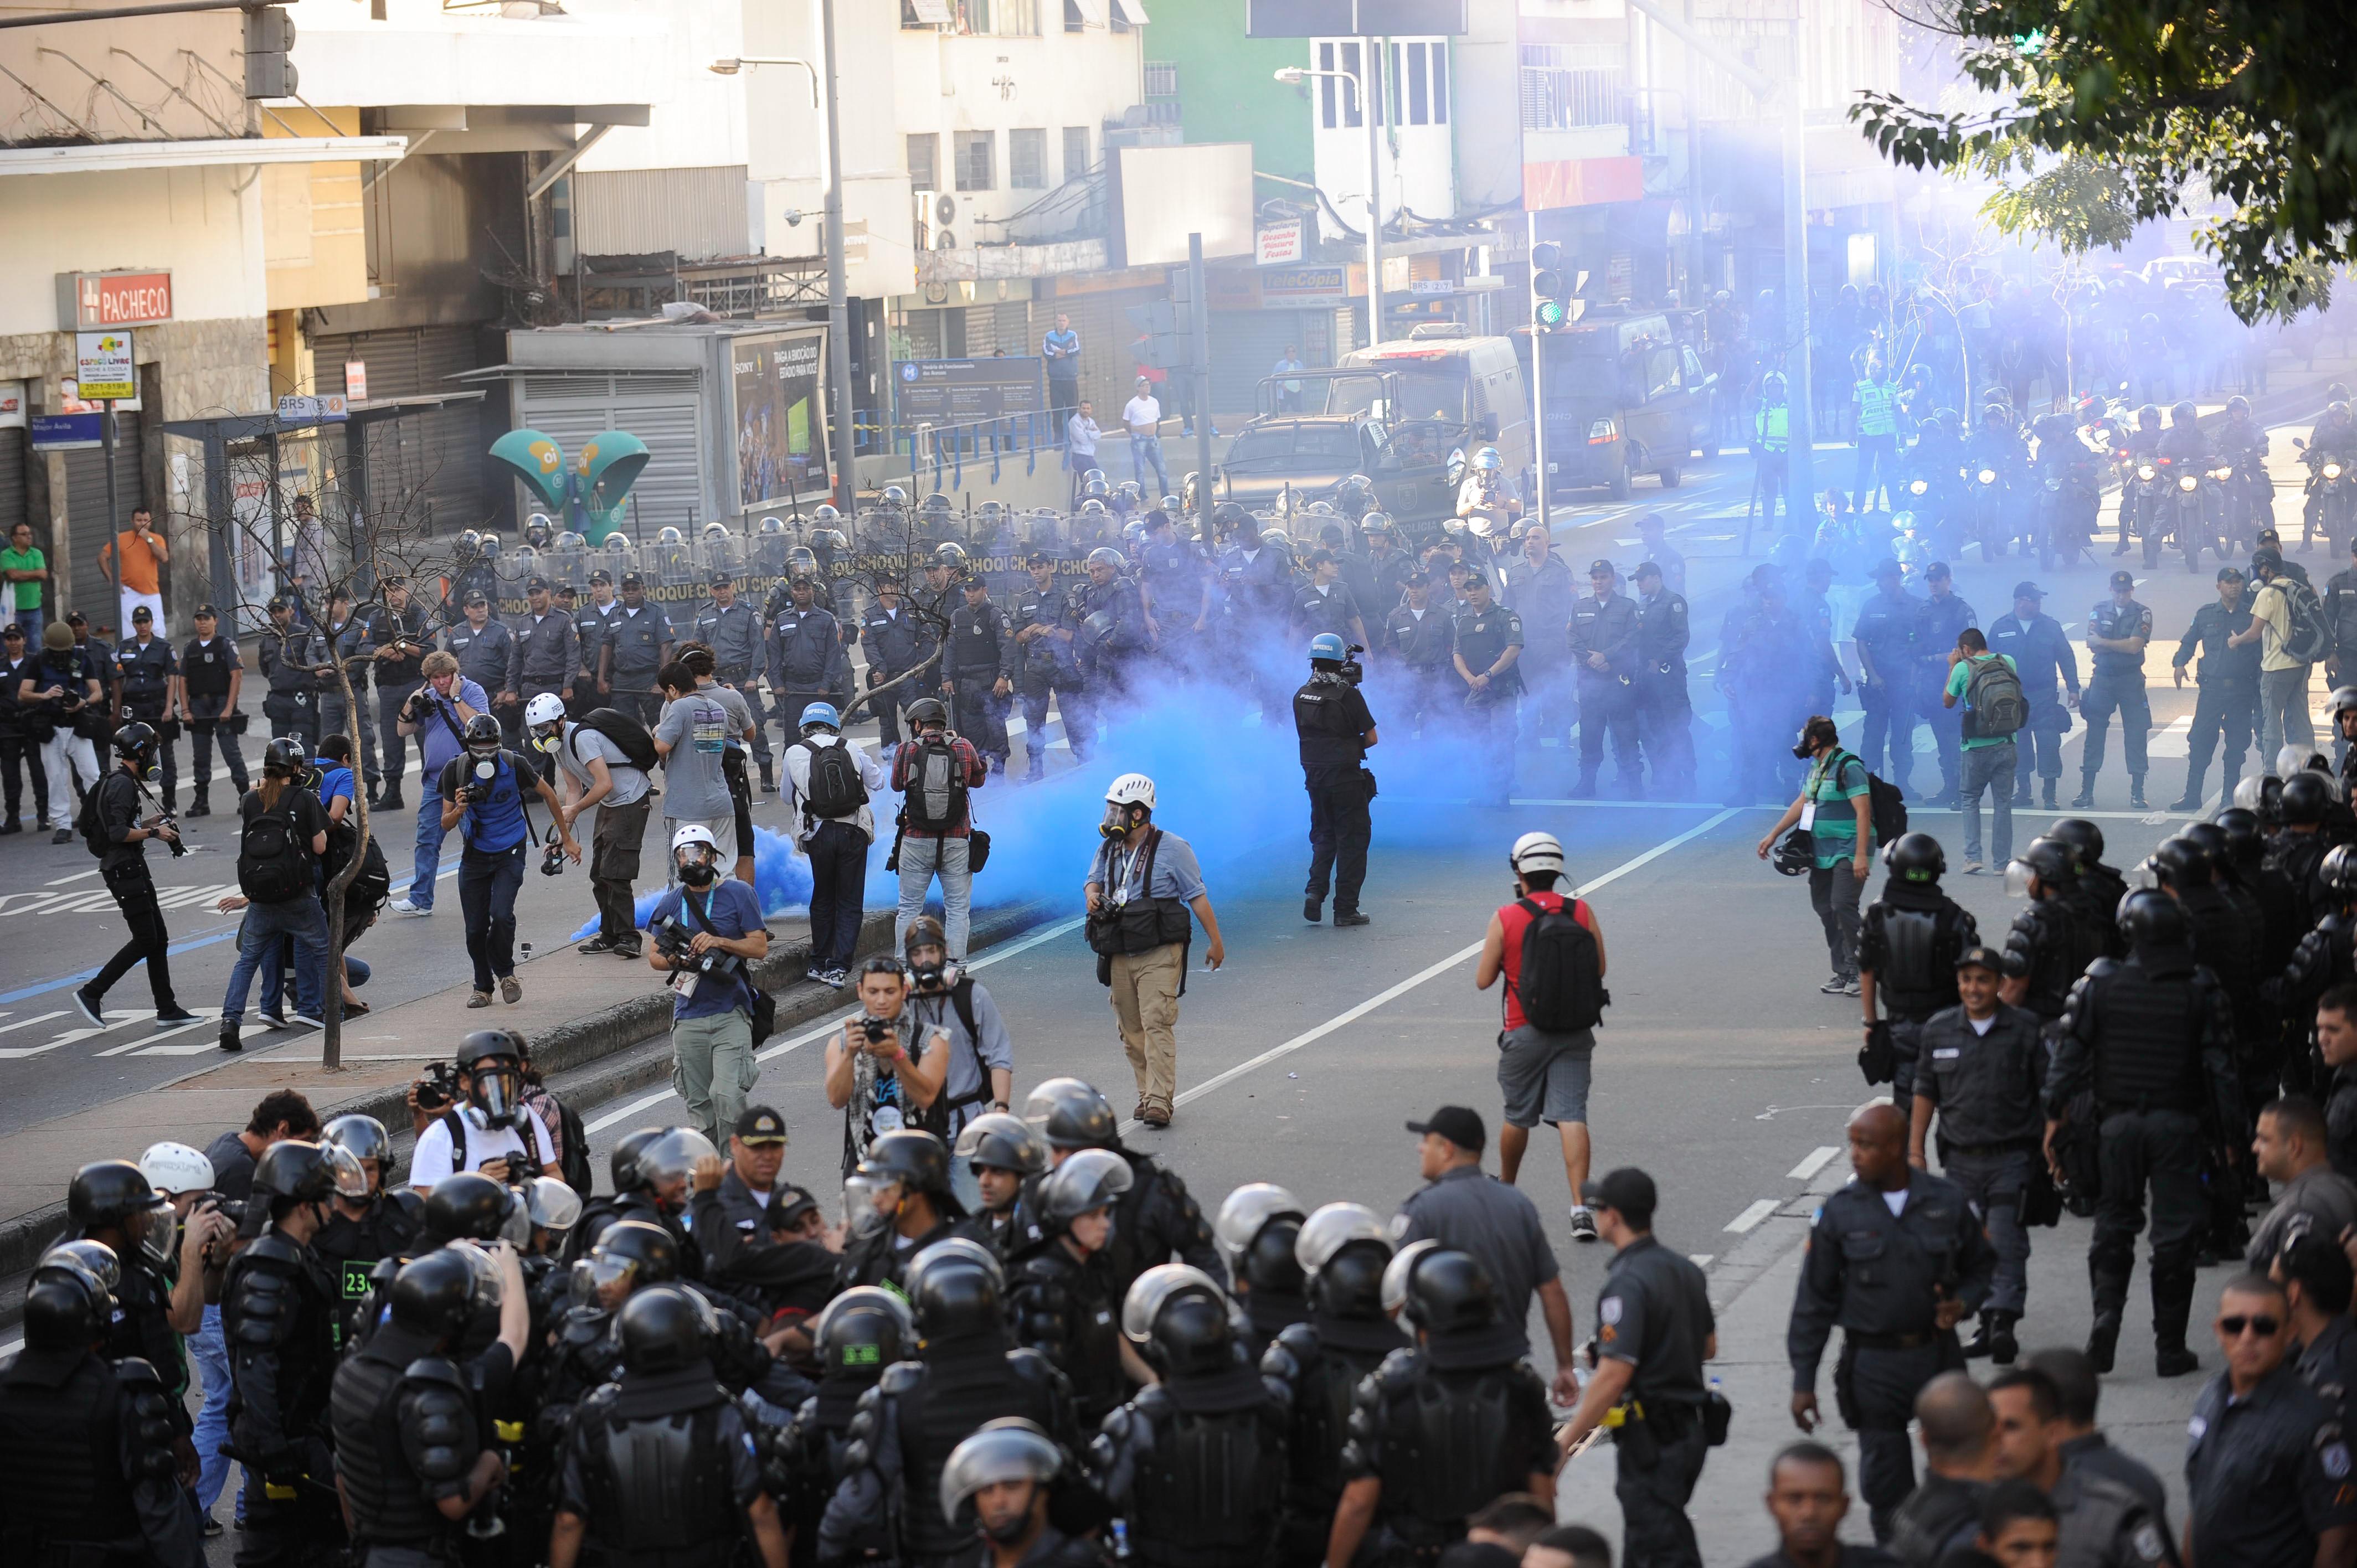 IMAGEM: RJ: Justiça nega pedido para proibir gás lacrimogêneo e balas de borracha em protestos